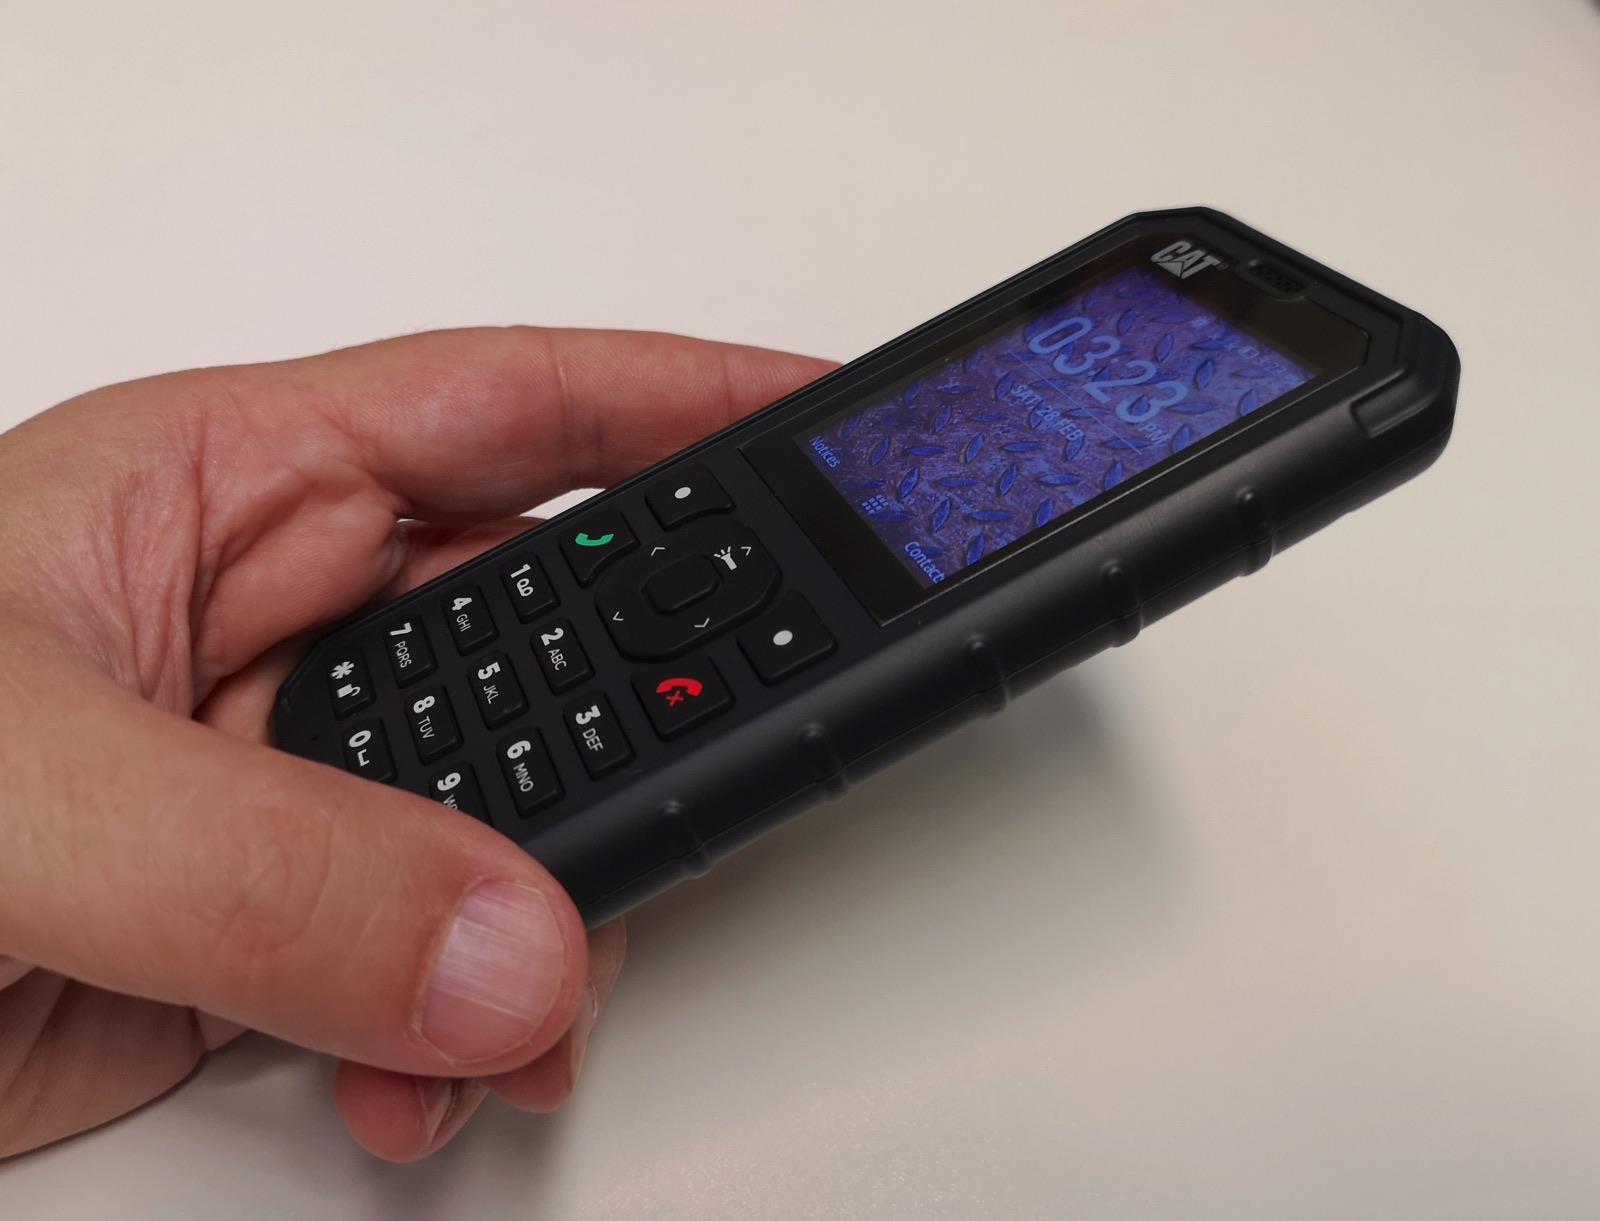 Rivenditori Cellulari Caterpillar.Cat B35 Il Cellulare Rugged Con Il 4g Arriva In Italia A